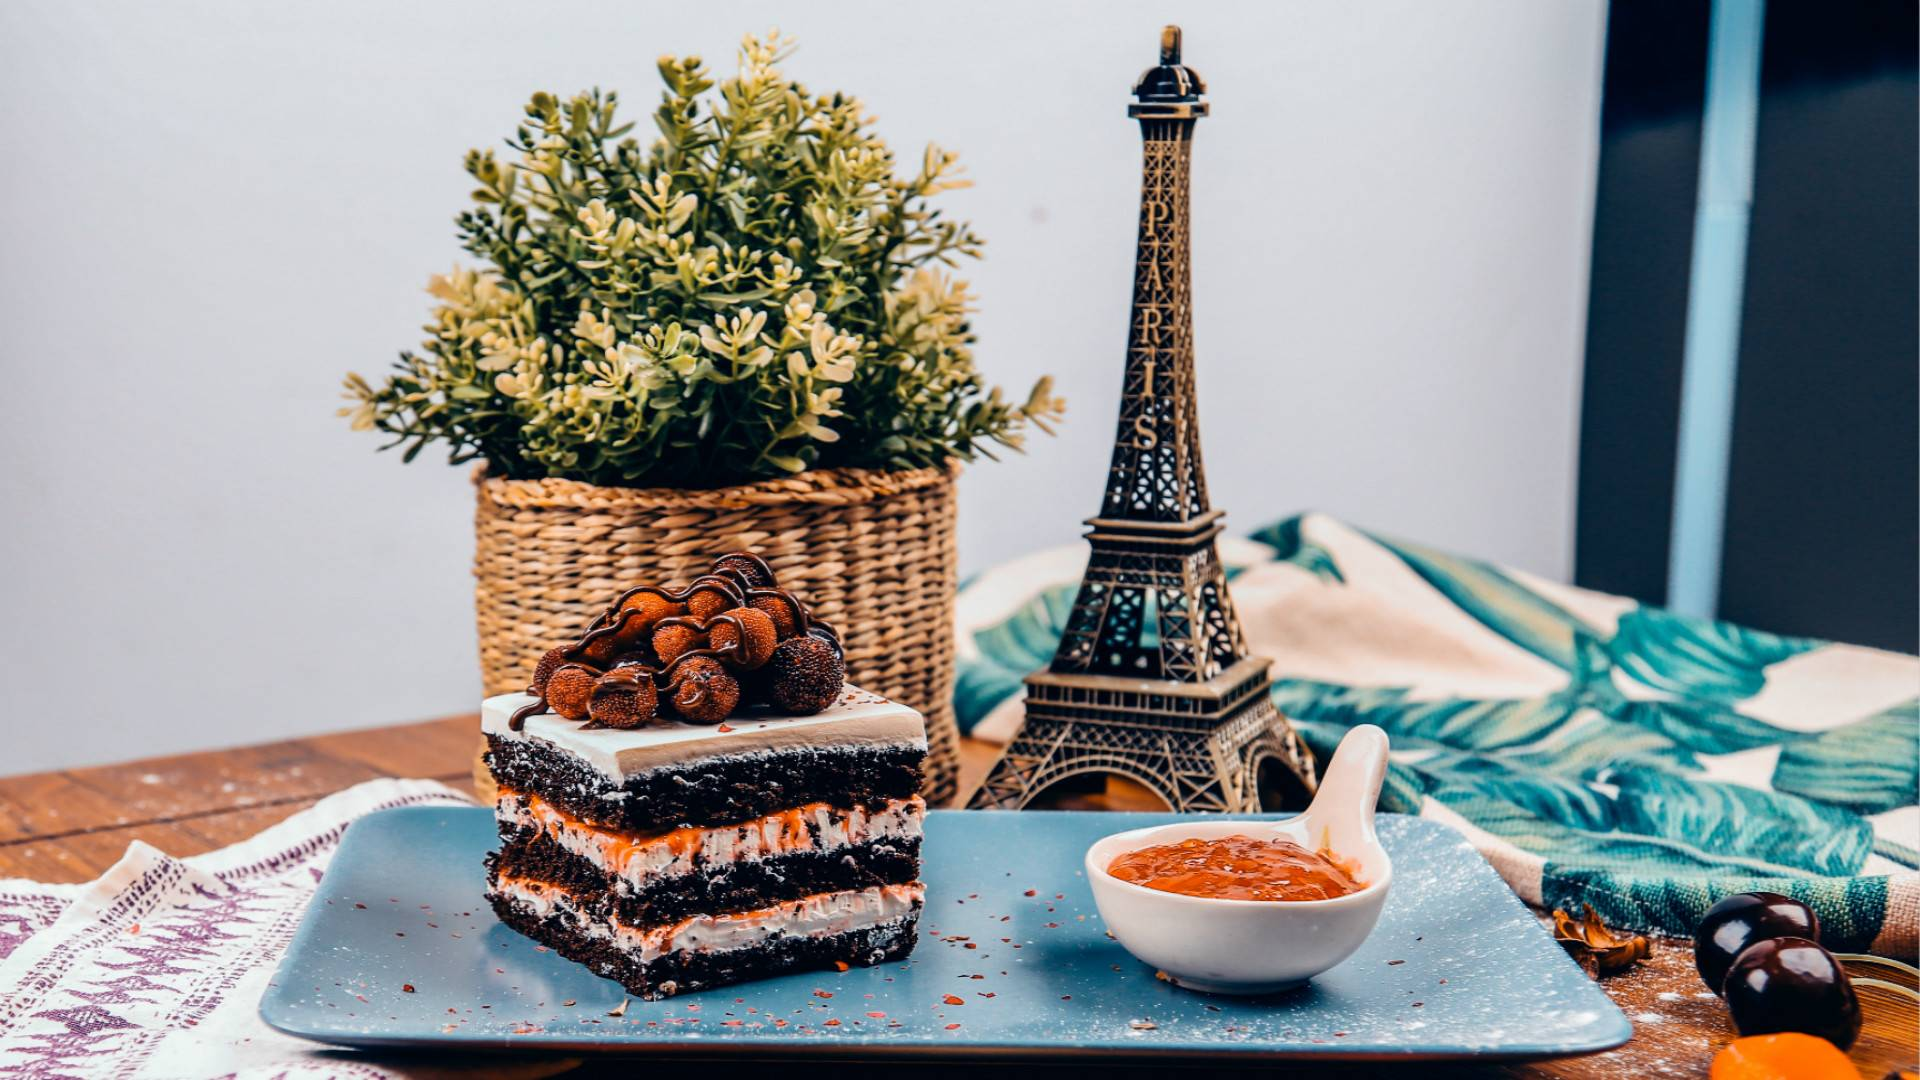 美食无疆界,世界零距离——餐饮企业全球化案例研究